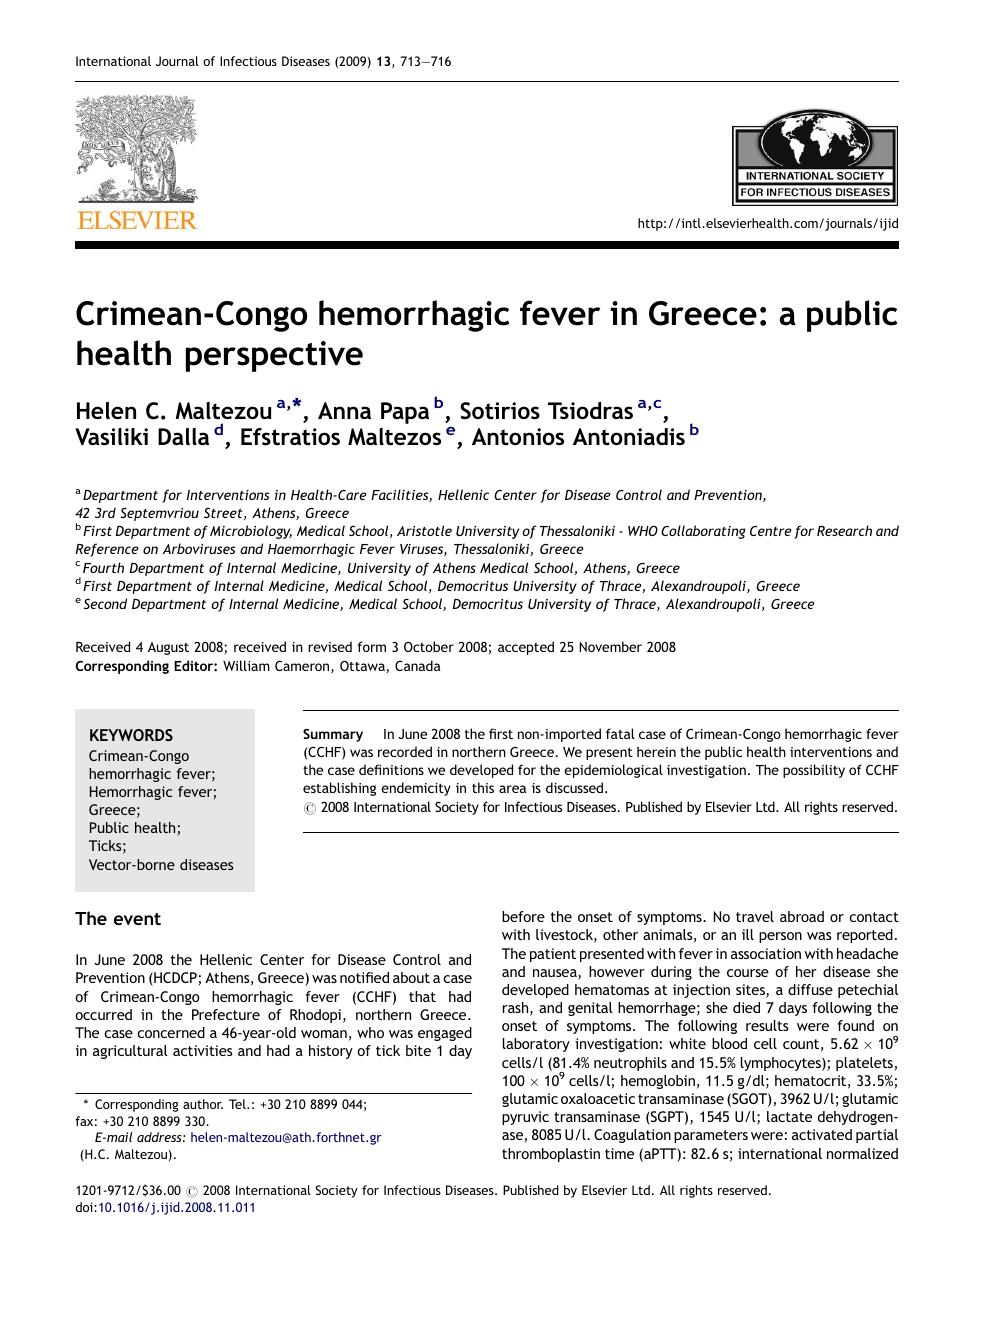 Crimean-Congo hemorrhagic fever in Greece: a public health